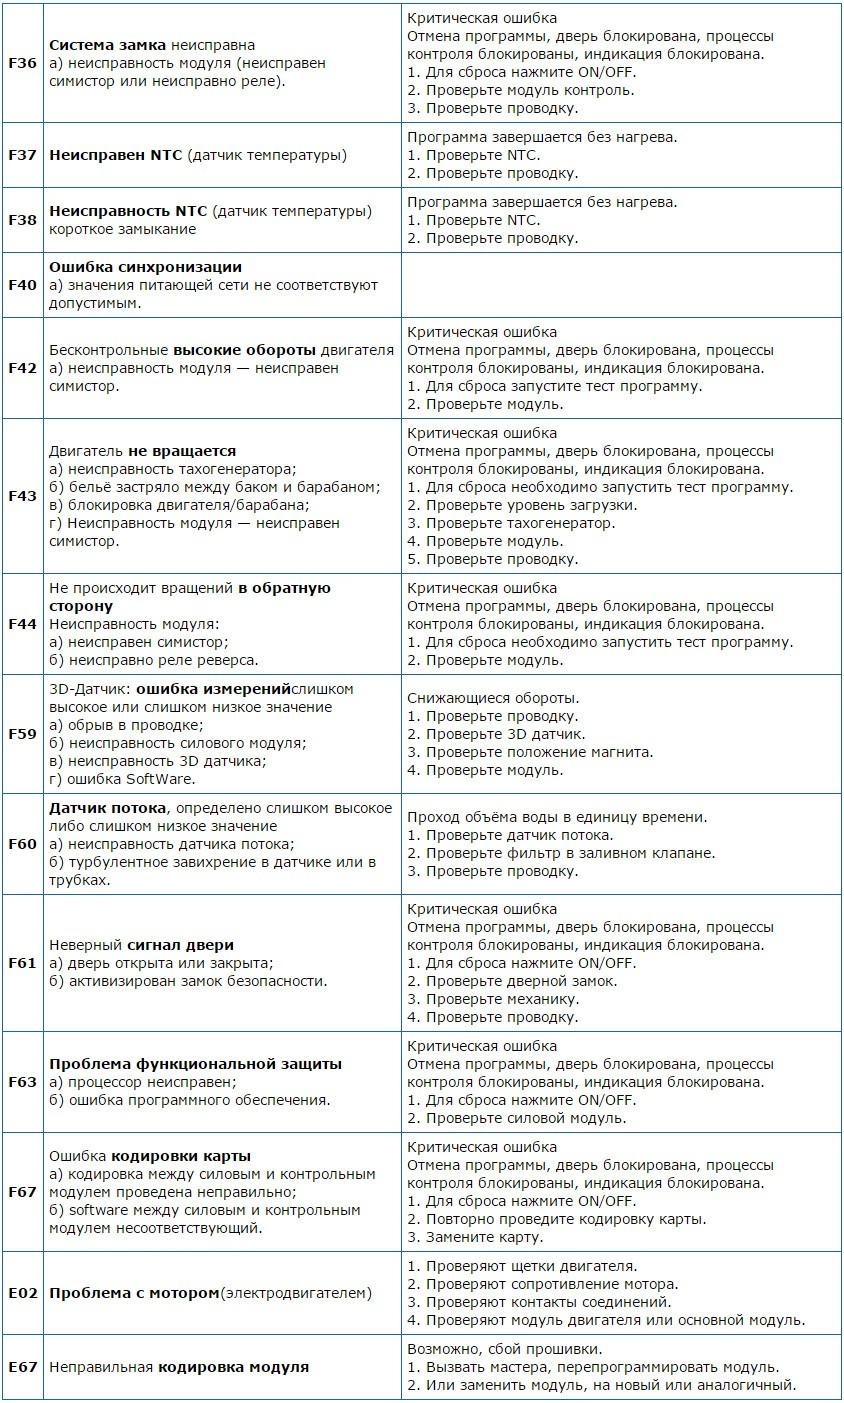 Ошибки стиральных машин Бош и Сименс - таблица 2